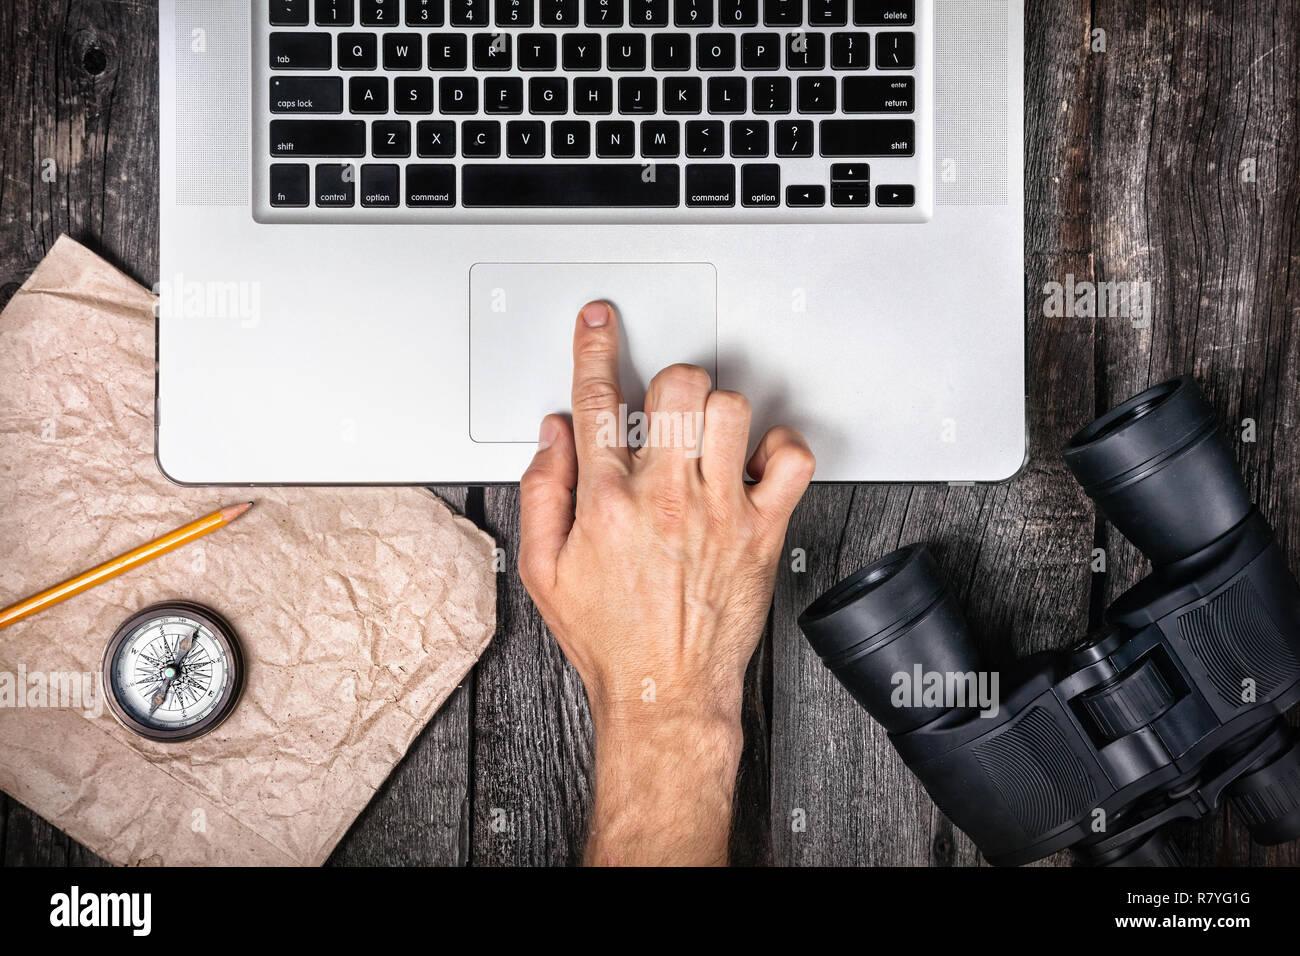 Viajero a preparar su viaje con un ordenador portátil, brújula y prismáticos en el fondo de madera Imagen De Stock